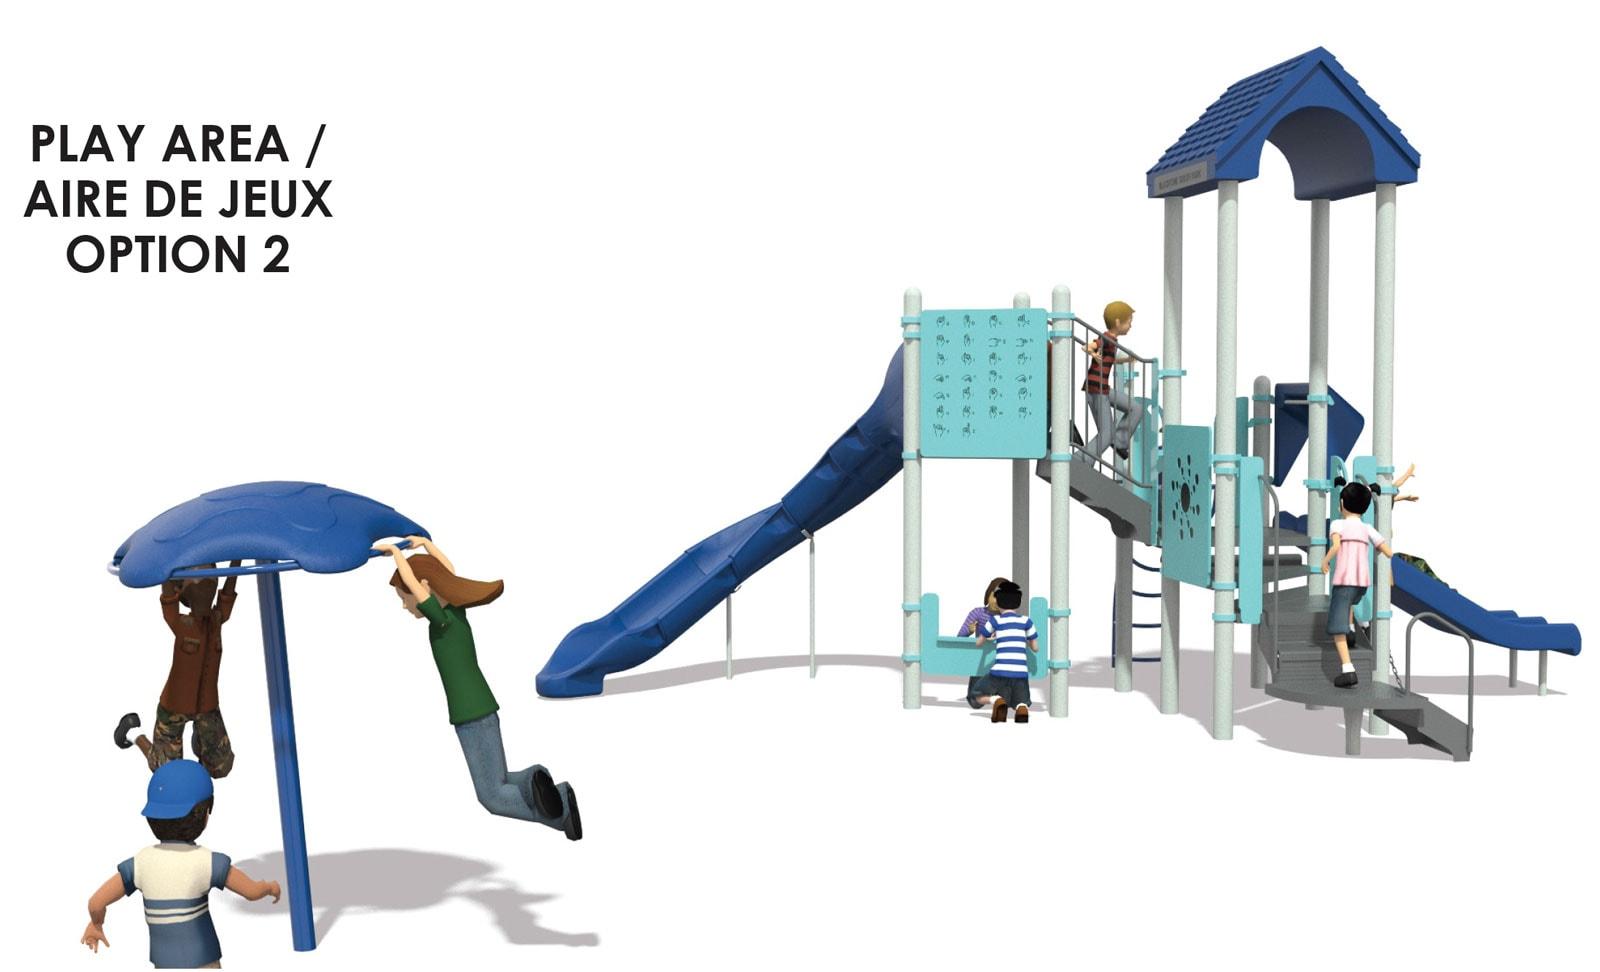 Atlas Park - playground option 2